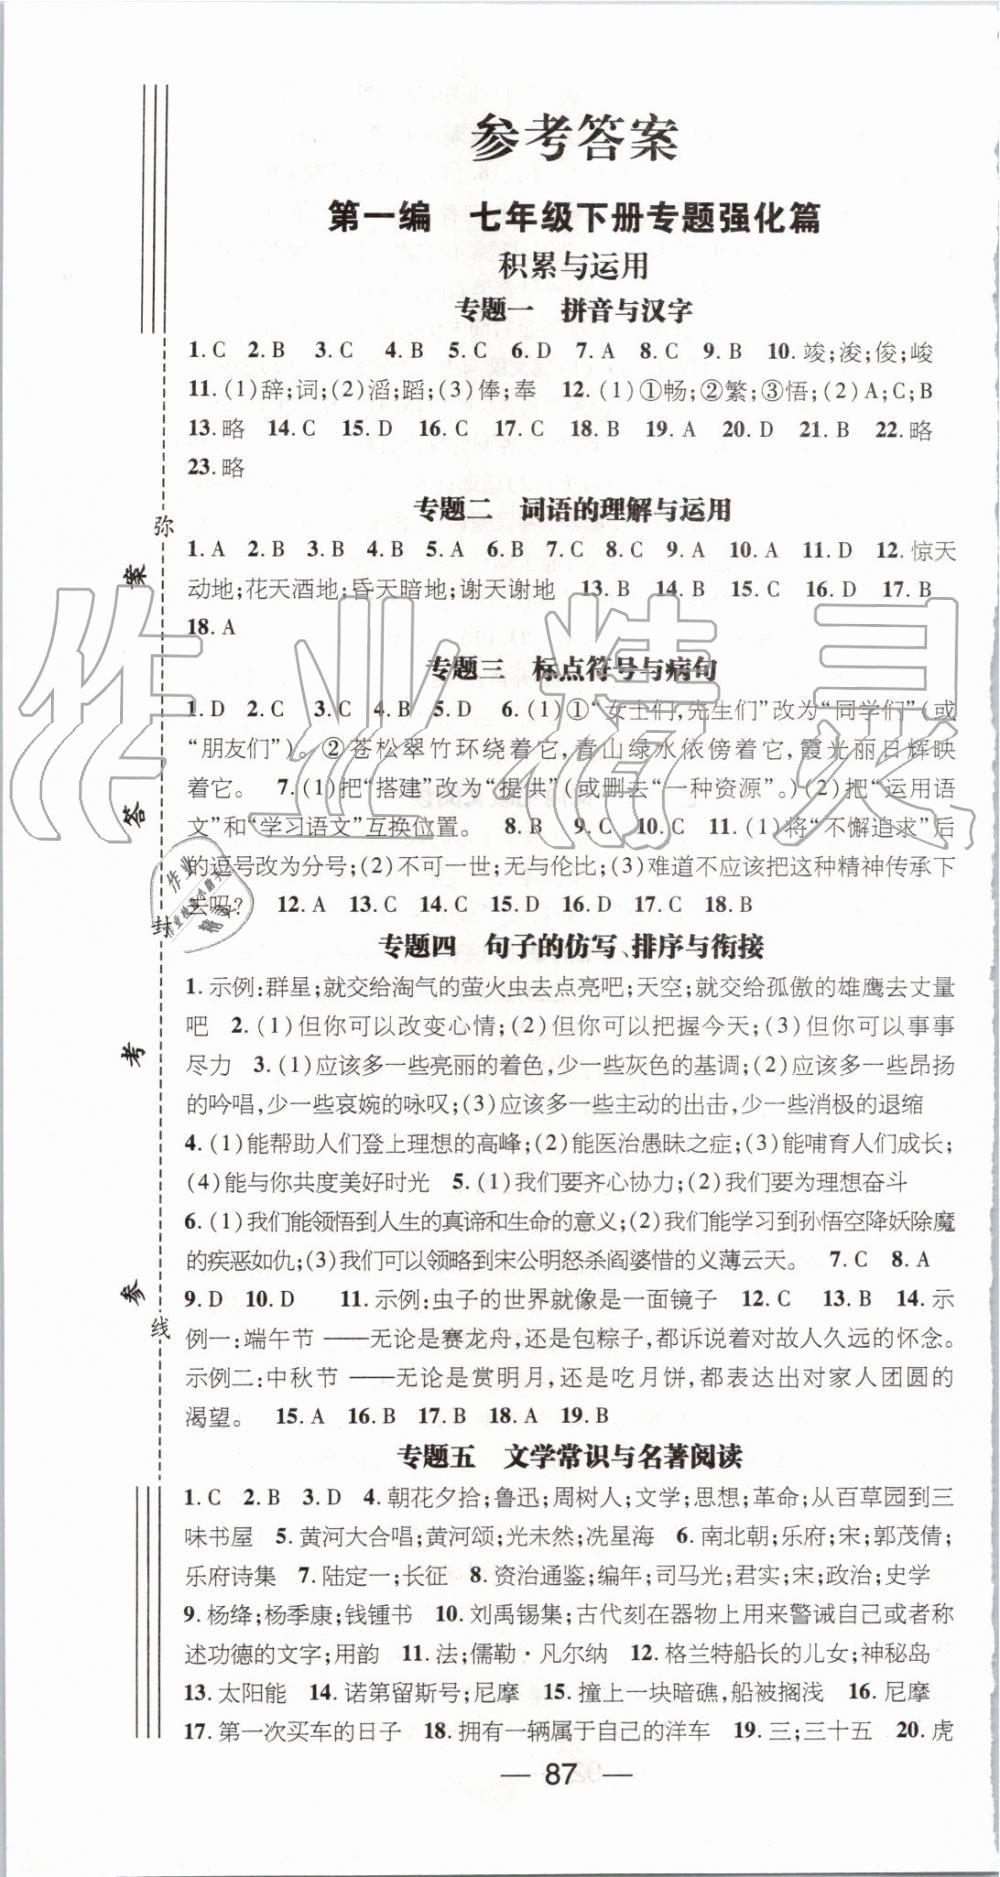 2019年鸿鹄志文化期末冲刺王暑假作业七年级语文人教版第1页